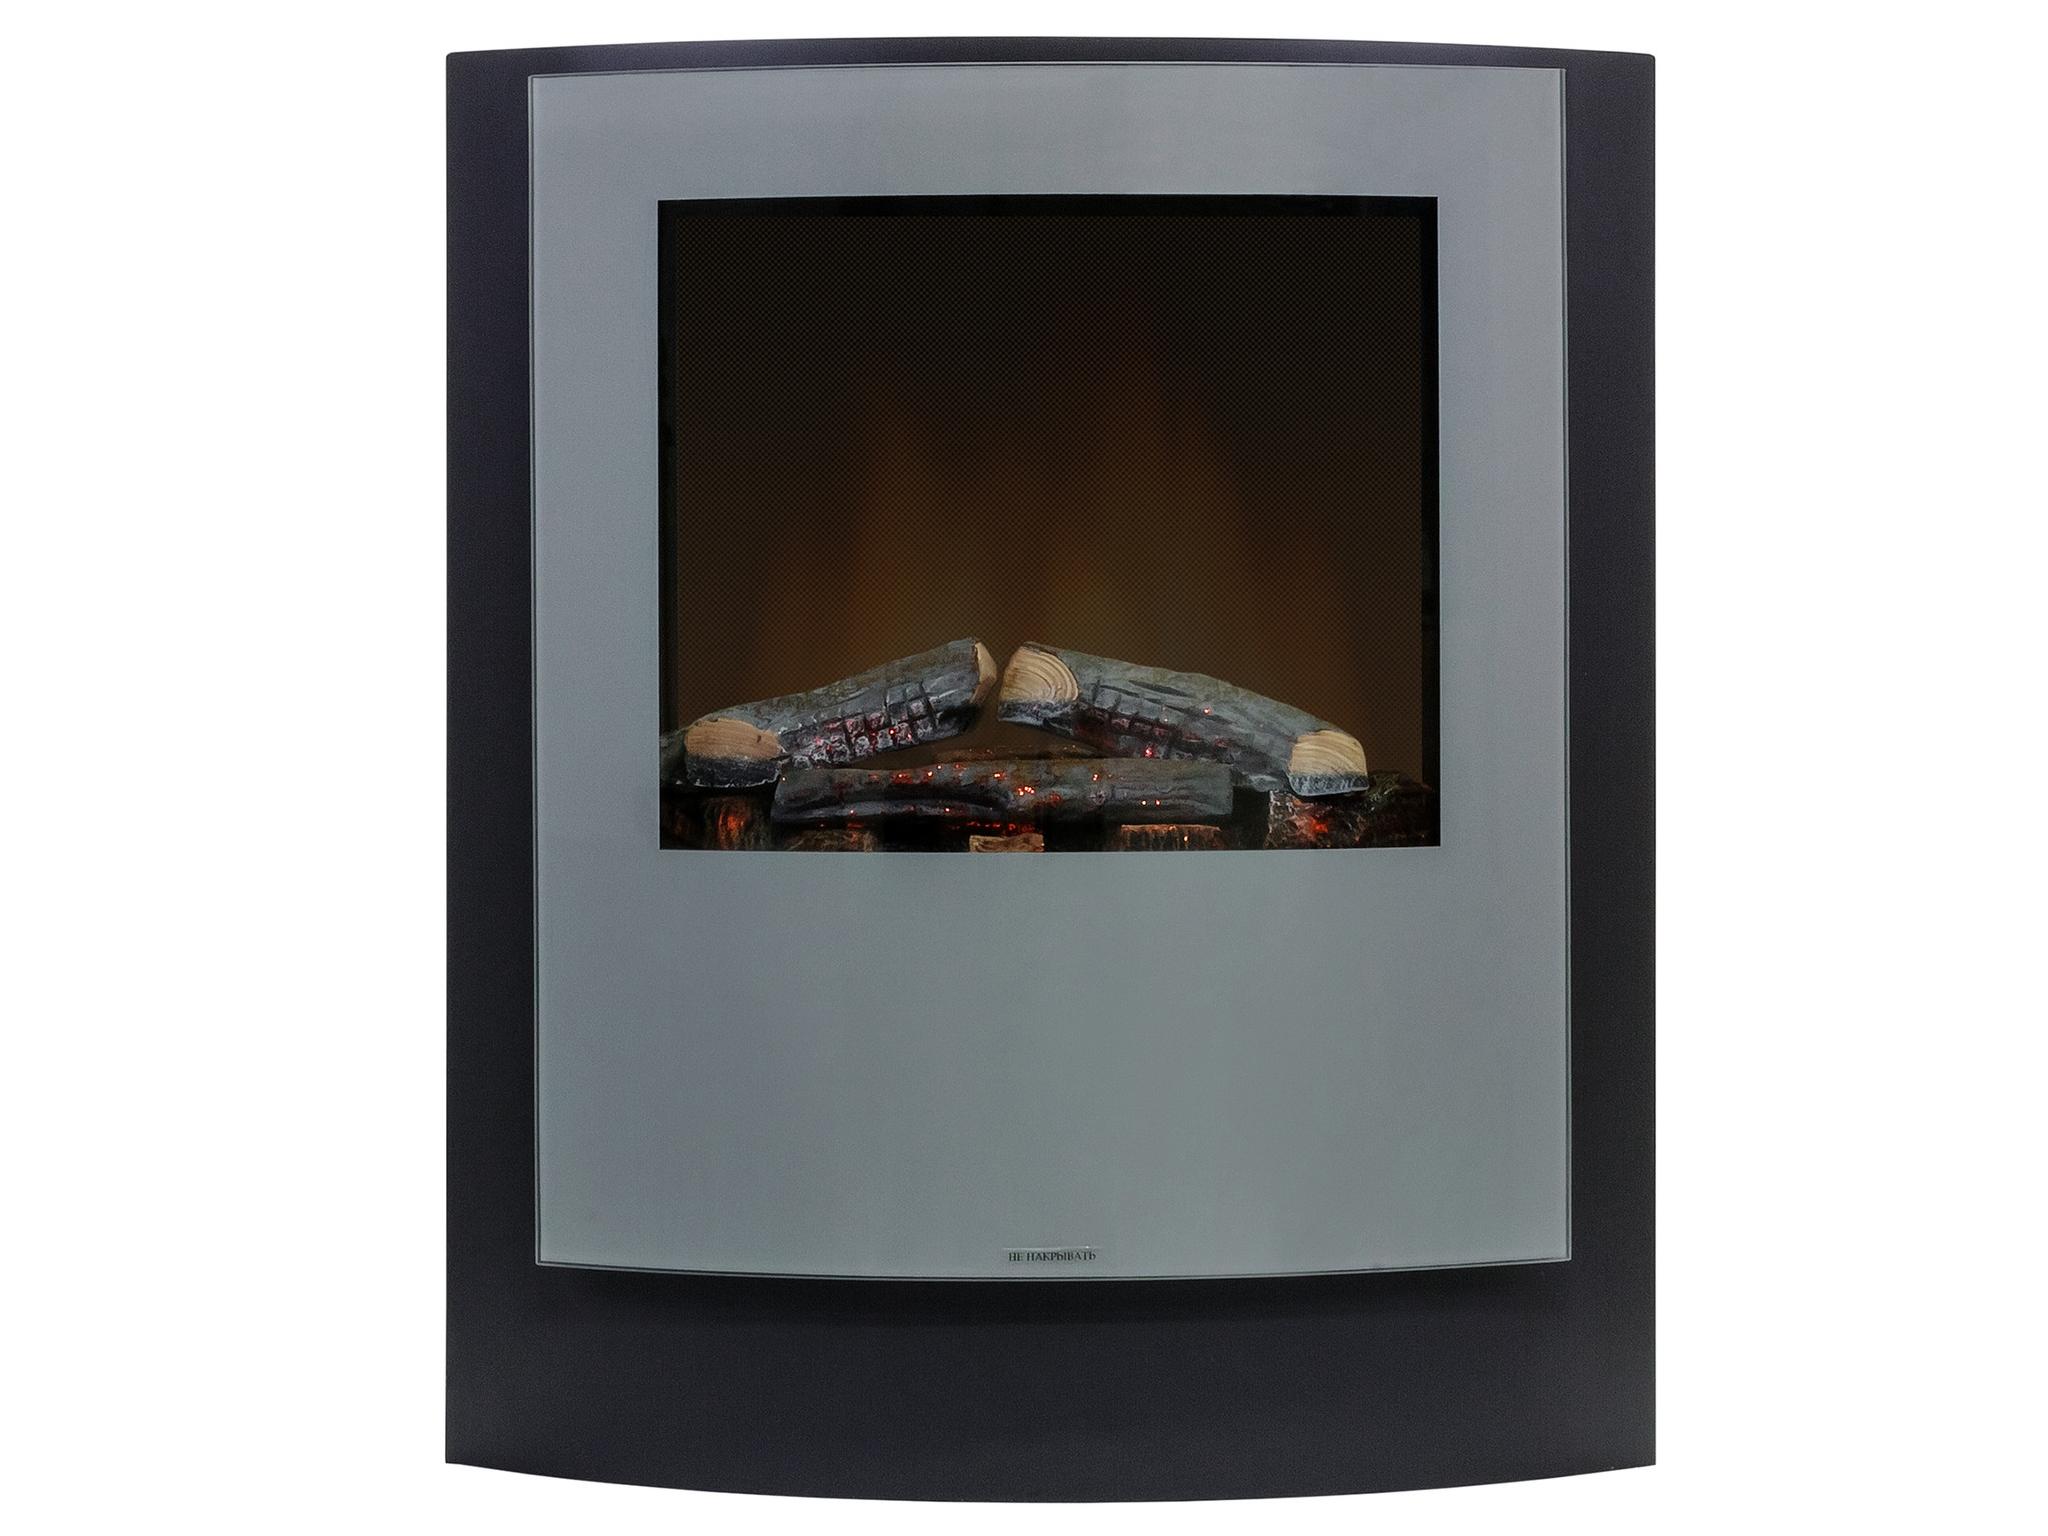 Очаг MagicГрили и обогреватели<br>&amp;lt;div&amp;gt;Электрический камин Magic SP 8 выполнен в стиле HI-Tech и предназначен для настенного размещения. Камин отлично подойдет к интерьерам в современных стилях. Необычная форма камина и серебристо-черное обрамление выгодно отличает эту модель.&amp;amp;nbsp;&amp;lt;/div&amp;gt;&amp;lt;div&amp;gt;&amp;lt;br&amp;gt;&amp;lt;/div&amp;gt;&amp;lt;div&amp;gt;Характеристики:&amp;lt;/div&amp;gt;&amp;lt;div&amp;gt;Тип очага: настенный&amp;amp;nbsp;&amp;lt;/div&amp;gt;&amp;lt;div&amp;gt;Технология: пламени Optiflame&amp;amp;nbsp;&amp;lt;/div&amp;gt;&amp;lt;div&amp;gt;&amp;amp;nbsp;Мощность обогрева: 1-2 кВт&amp;lt;/div&amp;gt;<br><br>Material: Пластик<br>Ширина см: 57.5<br>Высота см: 675<br>Глубина см: 18.5